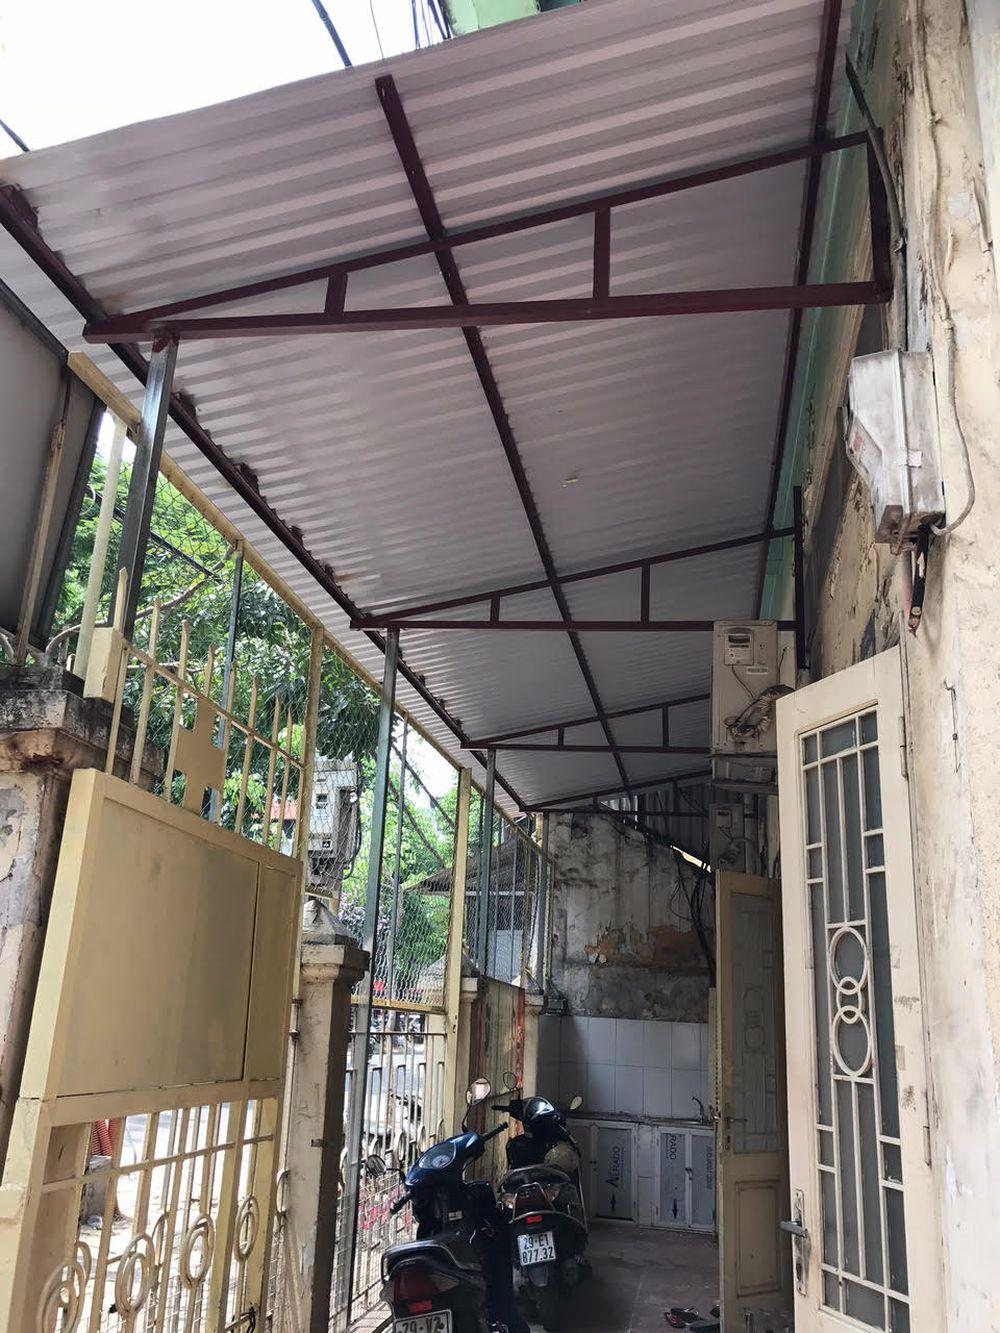 ... Bà Triệu có hành vi chiếm dụng lối đi chung, tổ chức lợp mái tôn cứng  trên phần sân chung của số nhà 103, hòng lập ki ốt cho thuê để kinh doanh.